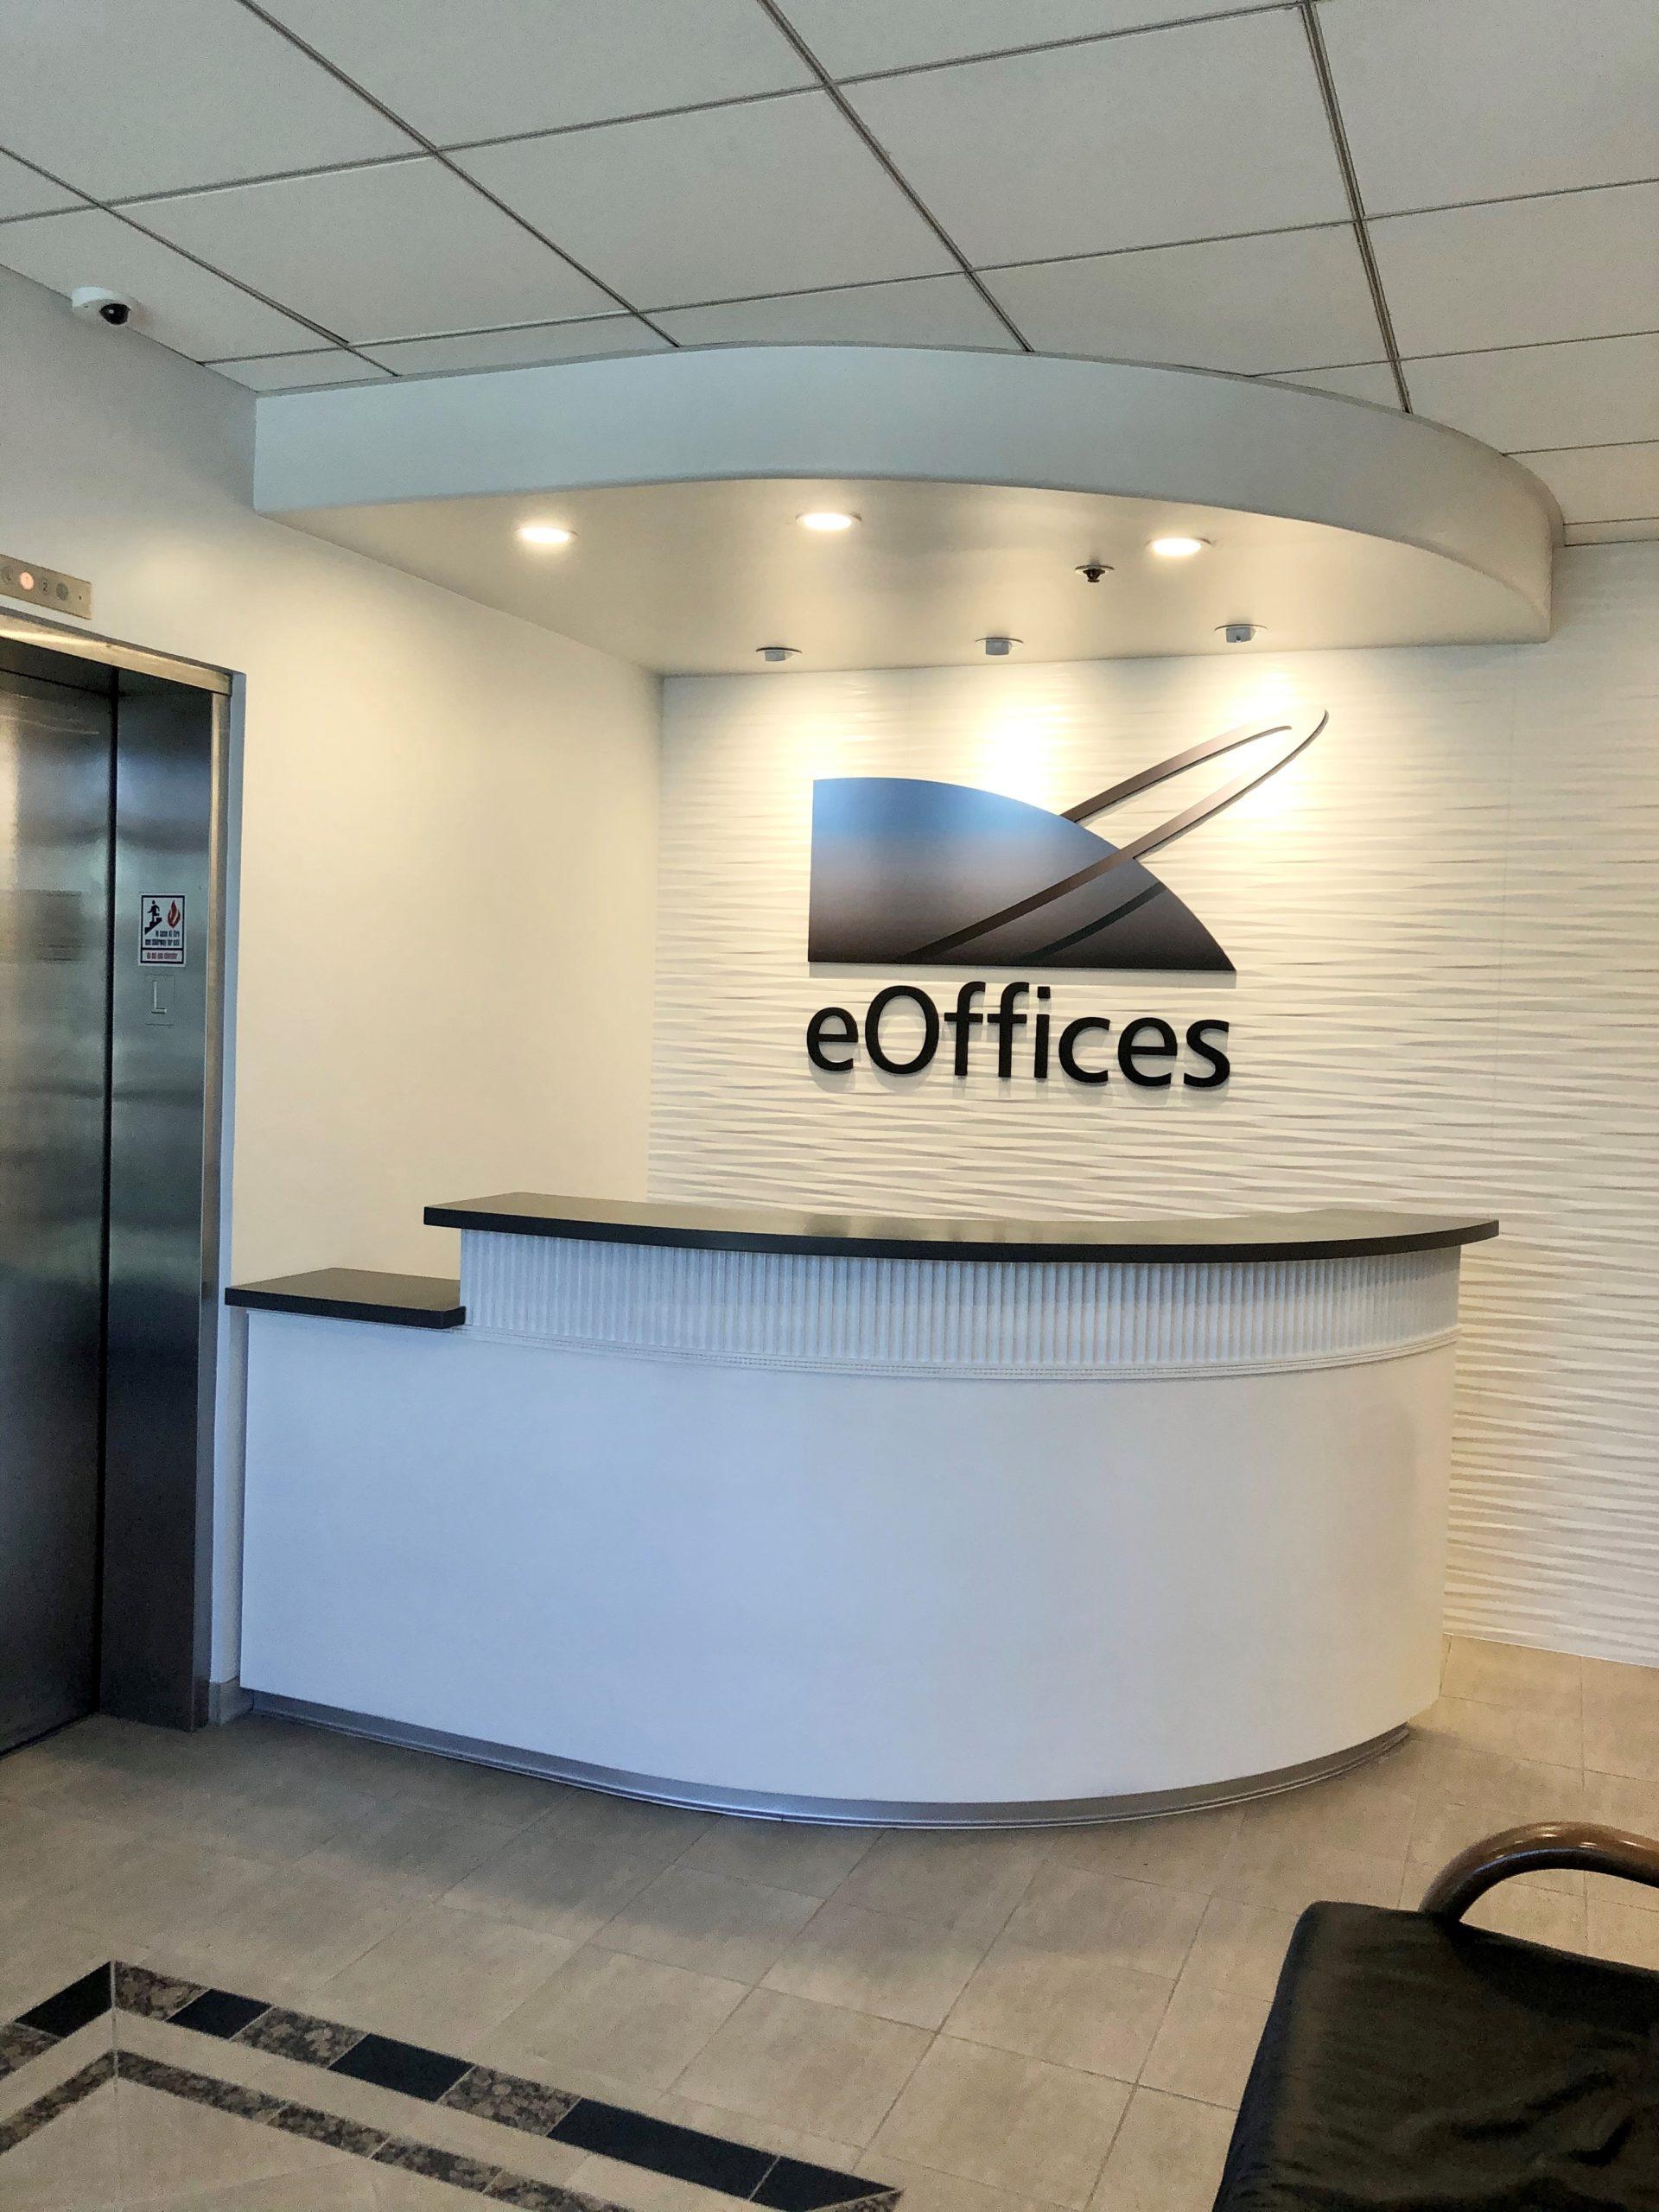 eOffices lobby